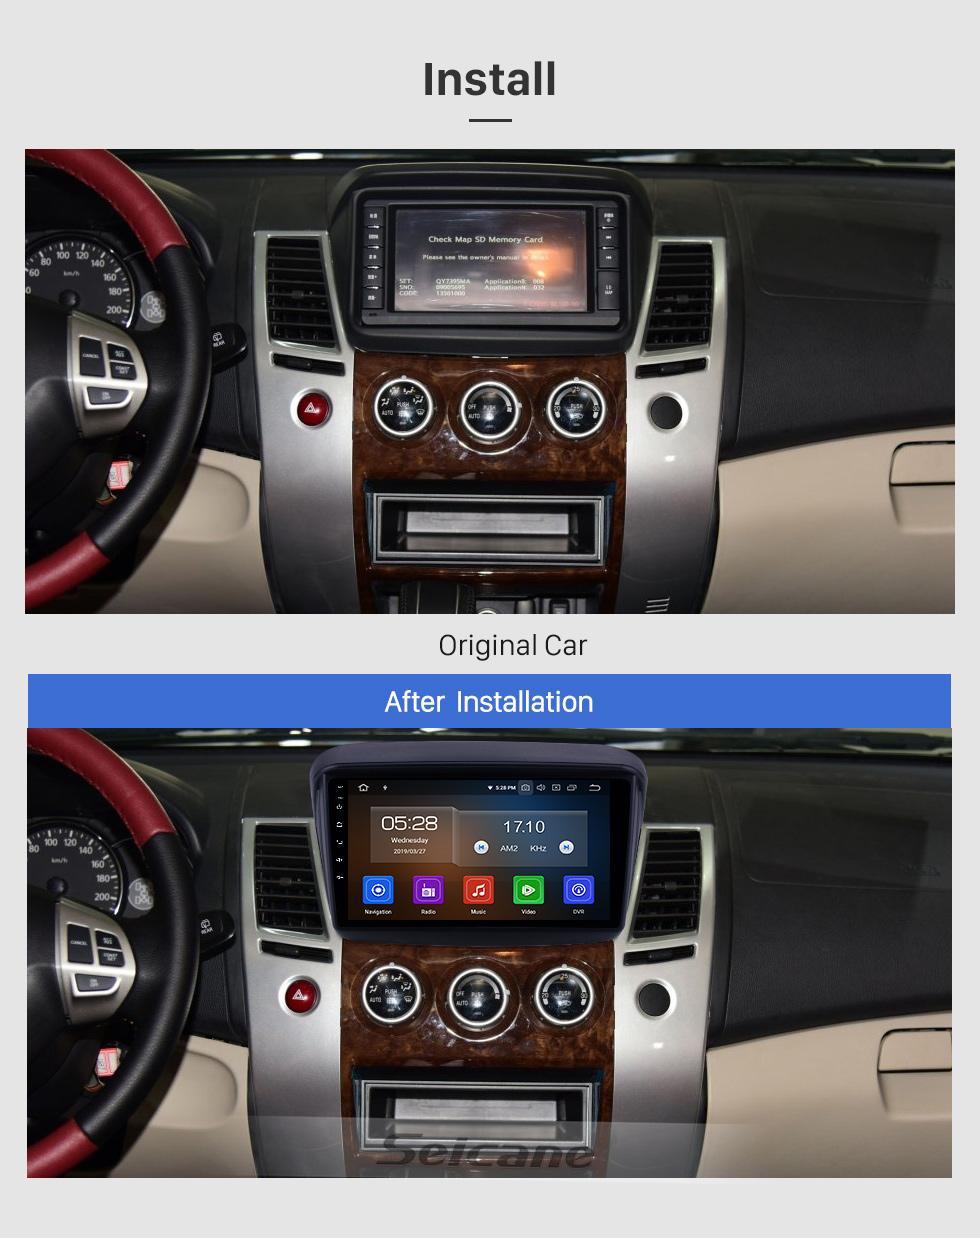 Seicane 2010 MITSUBISHI PAJERO Sport Android 9.0 9 polegada Navegação GPS Rádio Bluetooth HD Touchscreen USB Carplay Música suporte AUX TPMS OBD2 TV Digital